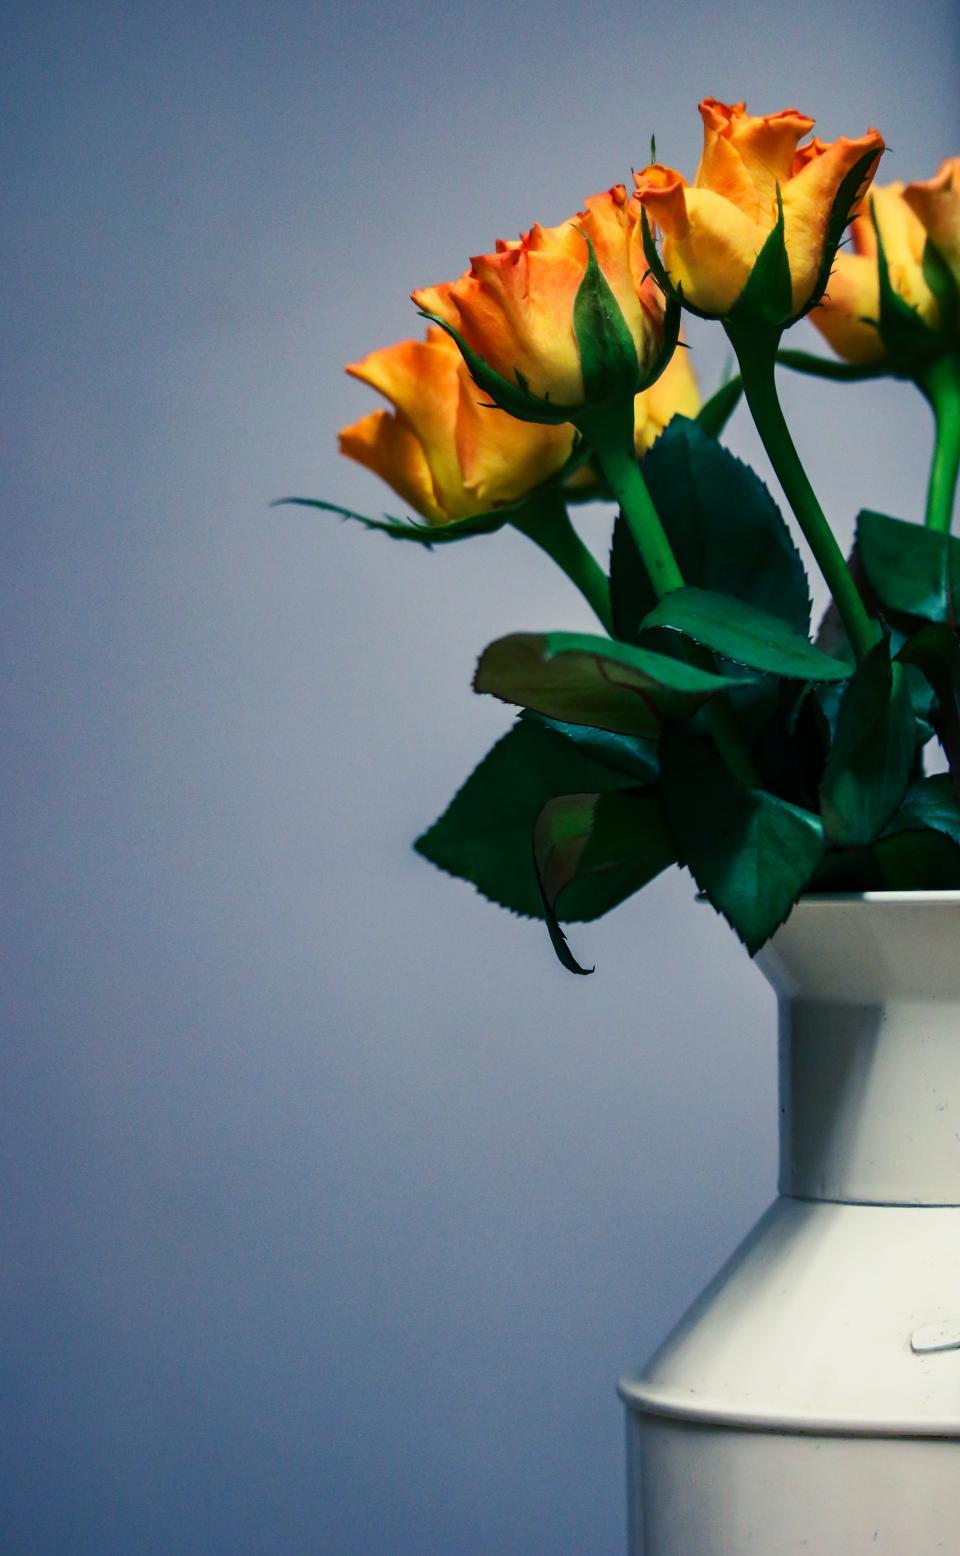 flower, yellow, petal, bloom, garden, plant, nature, autumn, fall, vase, flowerpot, pot